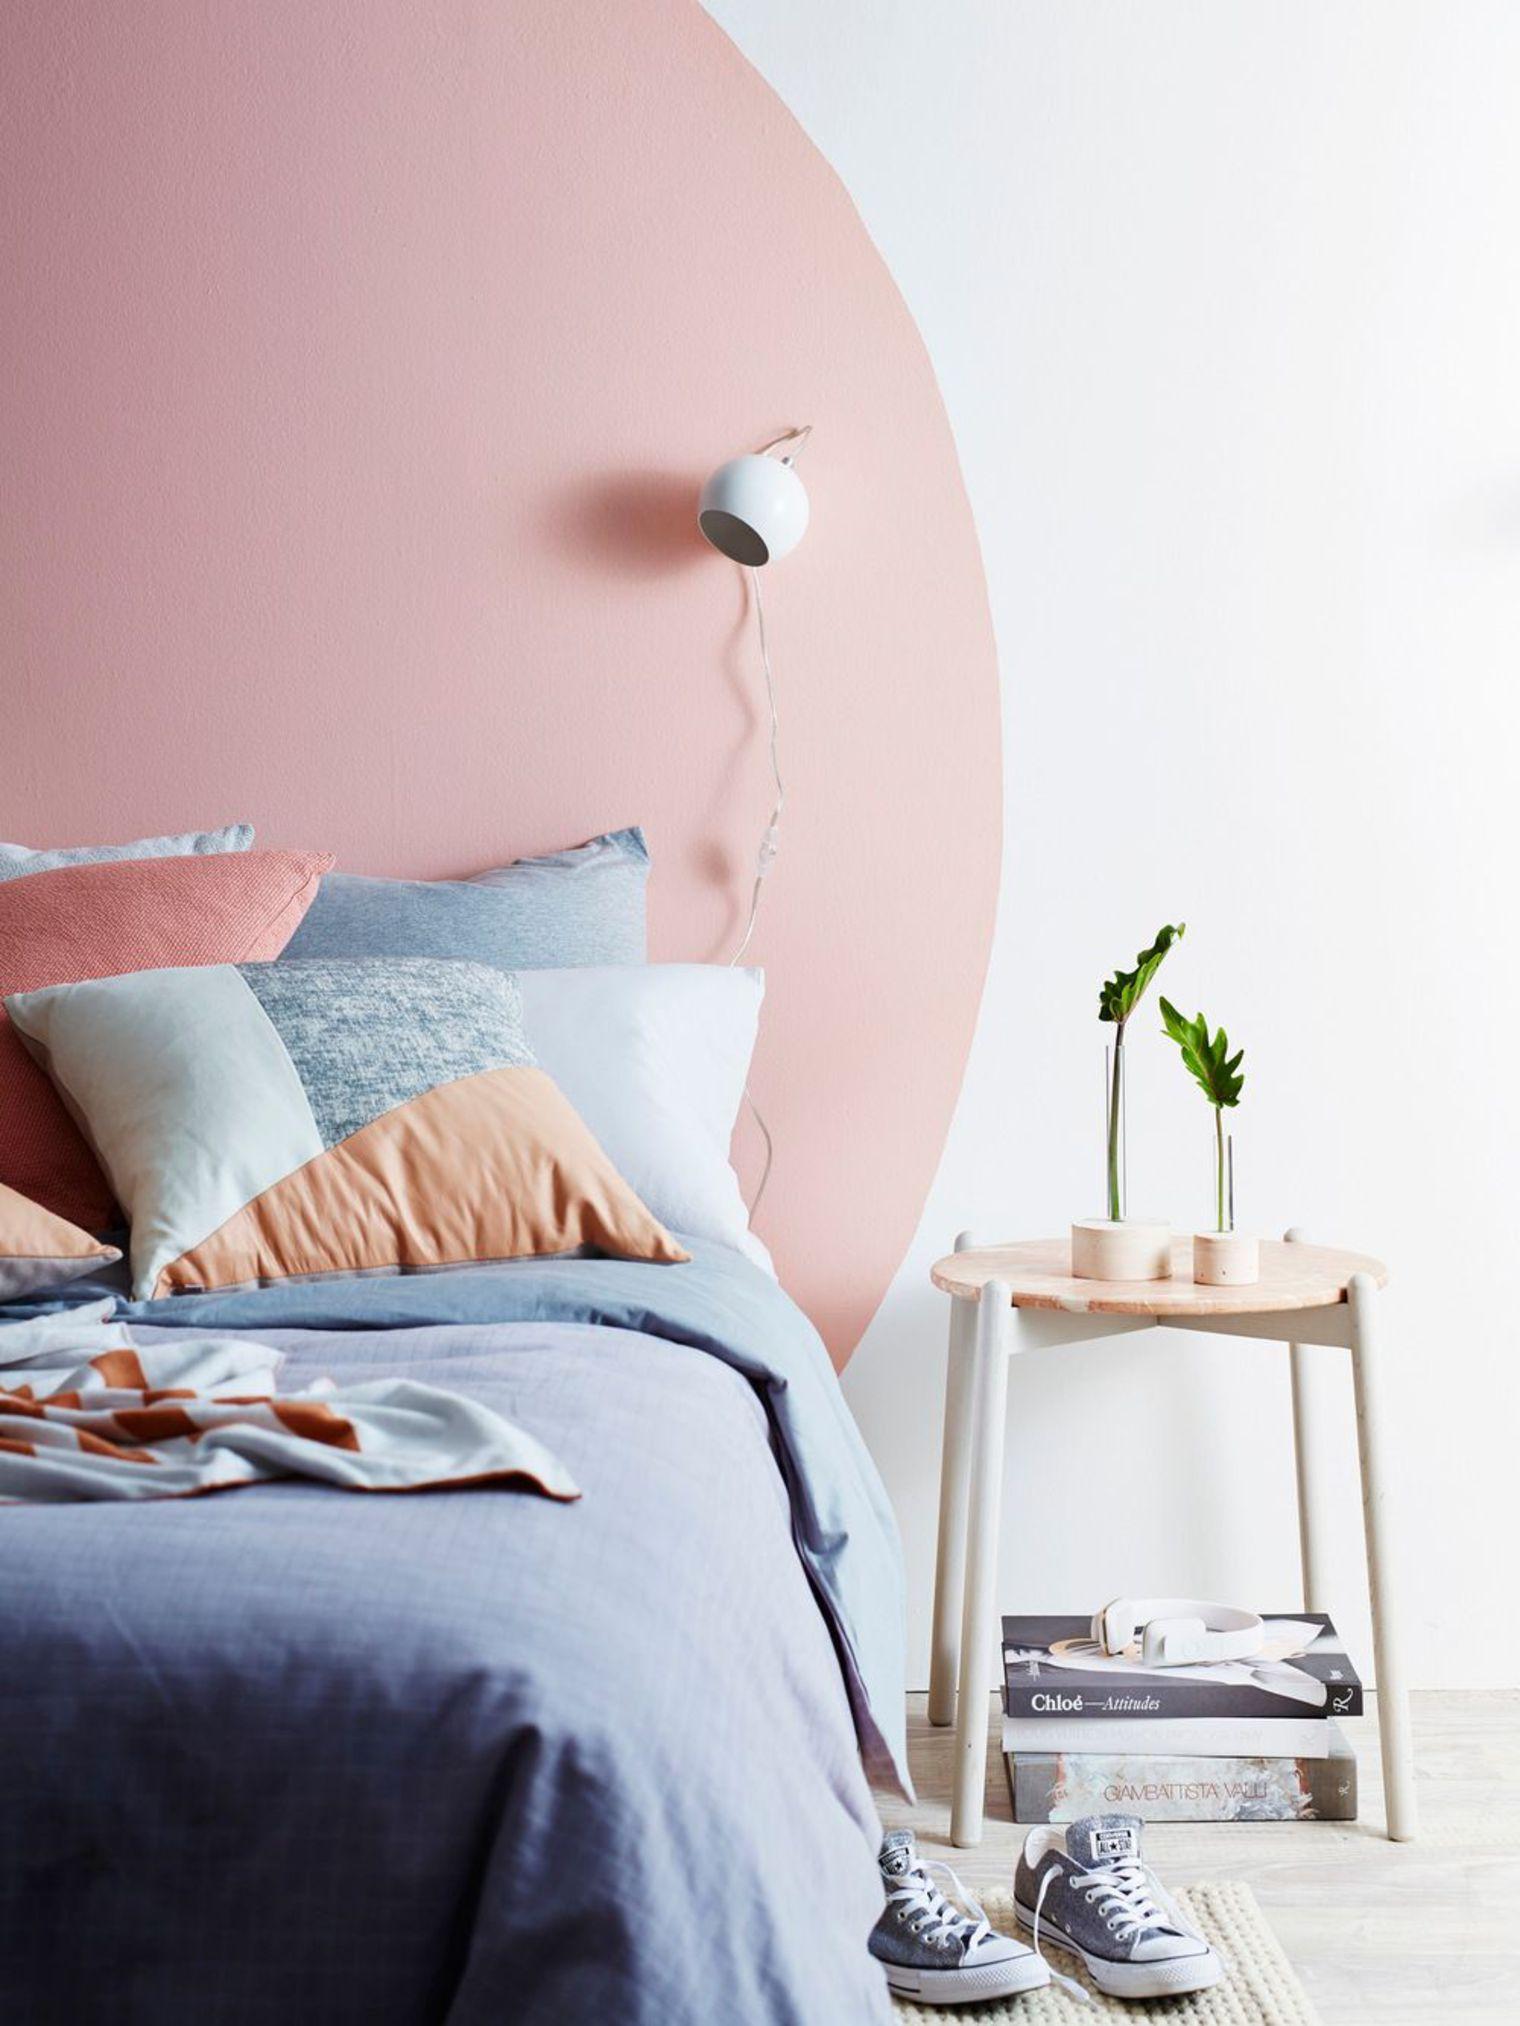 D co chambre cr er une t te de lit en peinture originale - Paredes pintadas originales ...